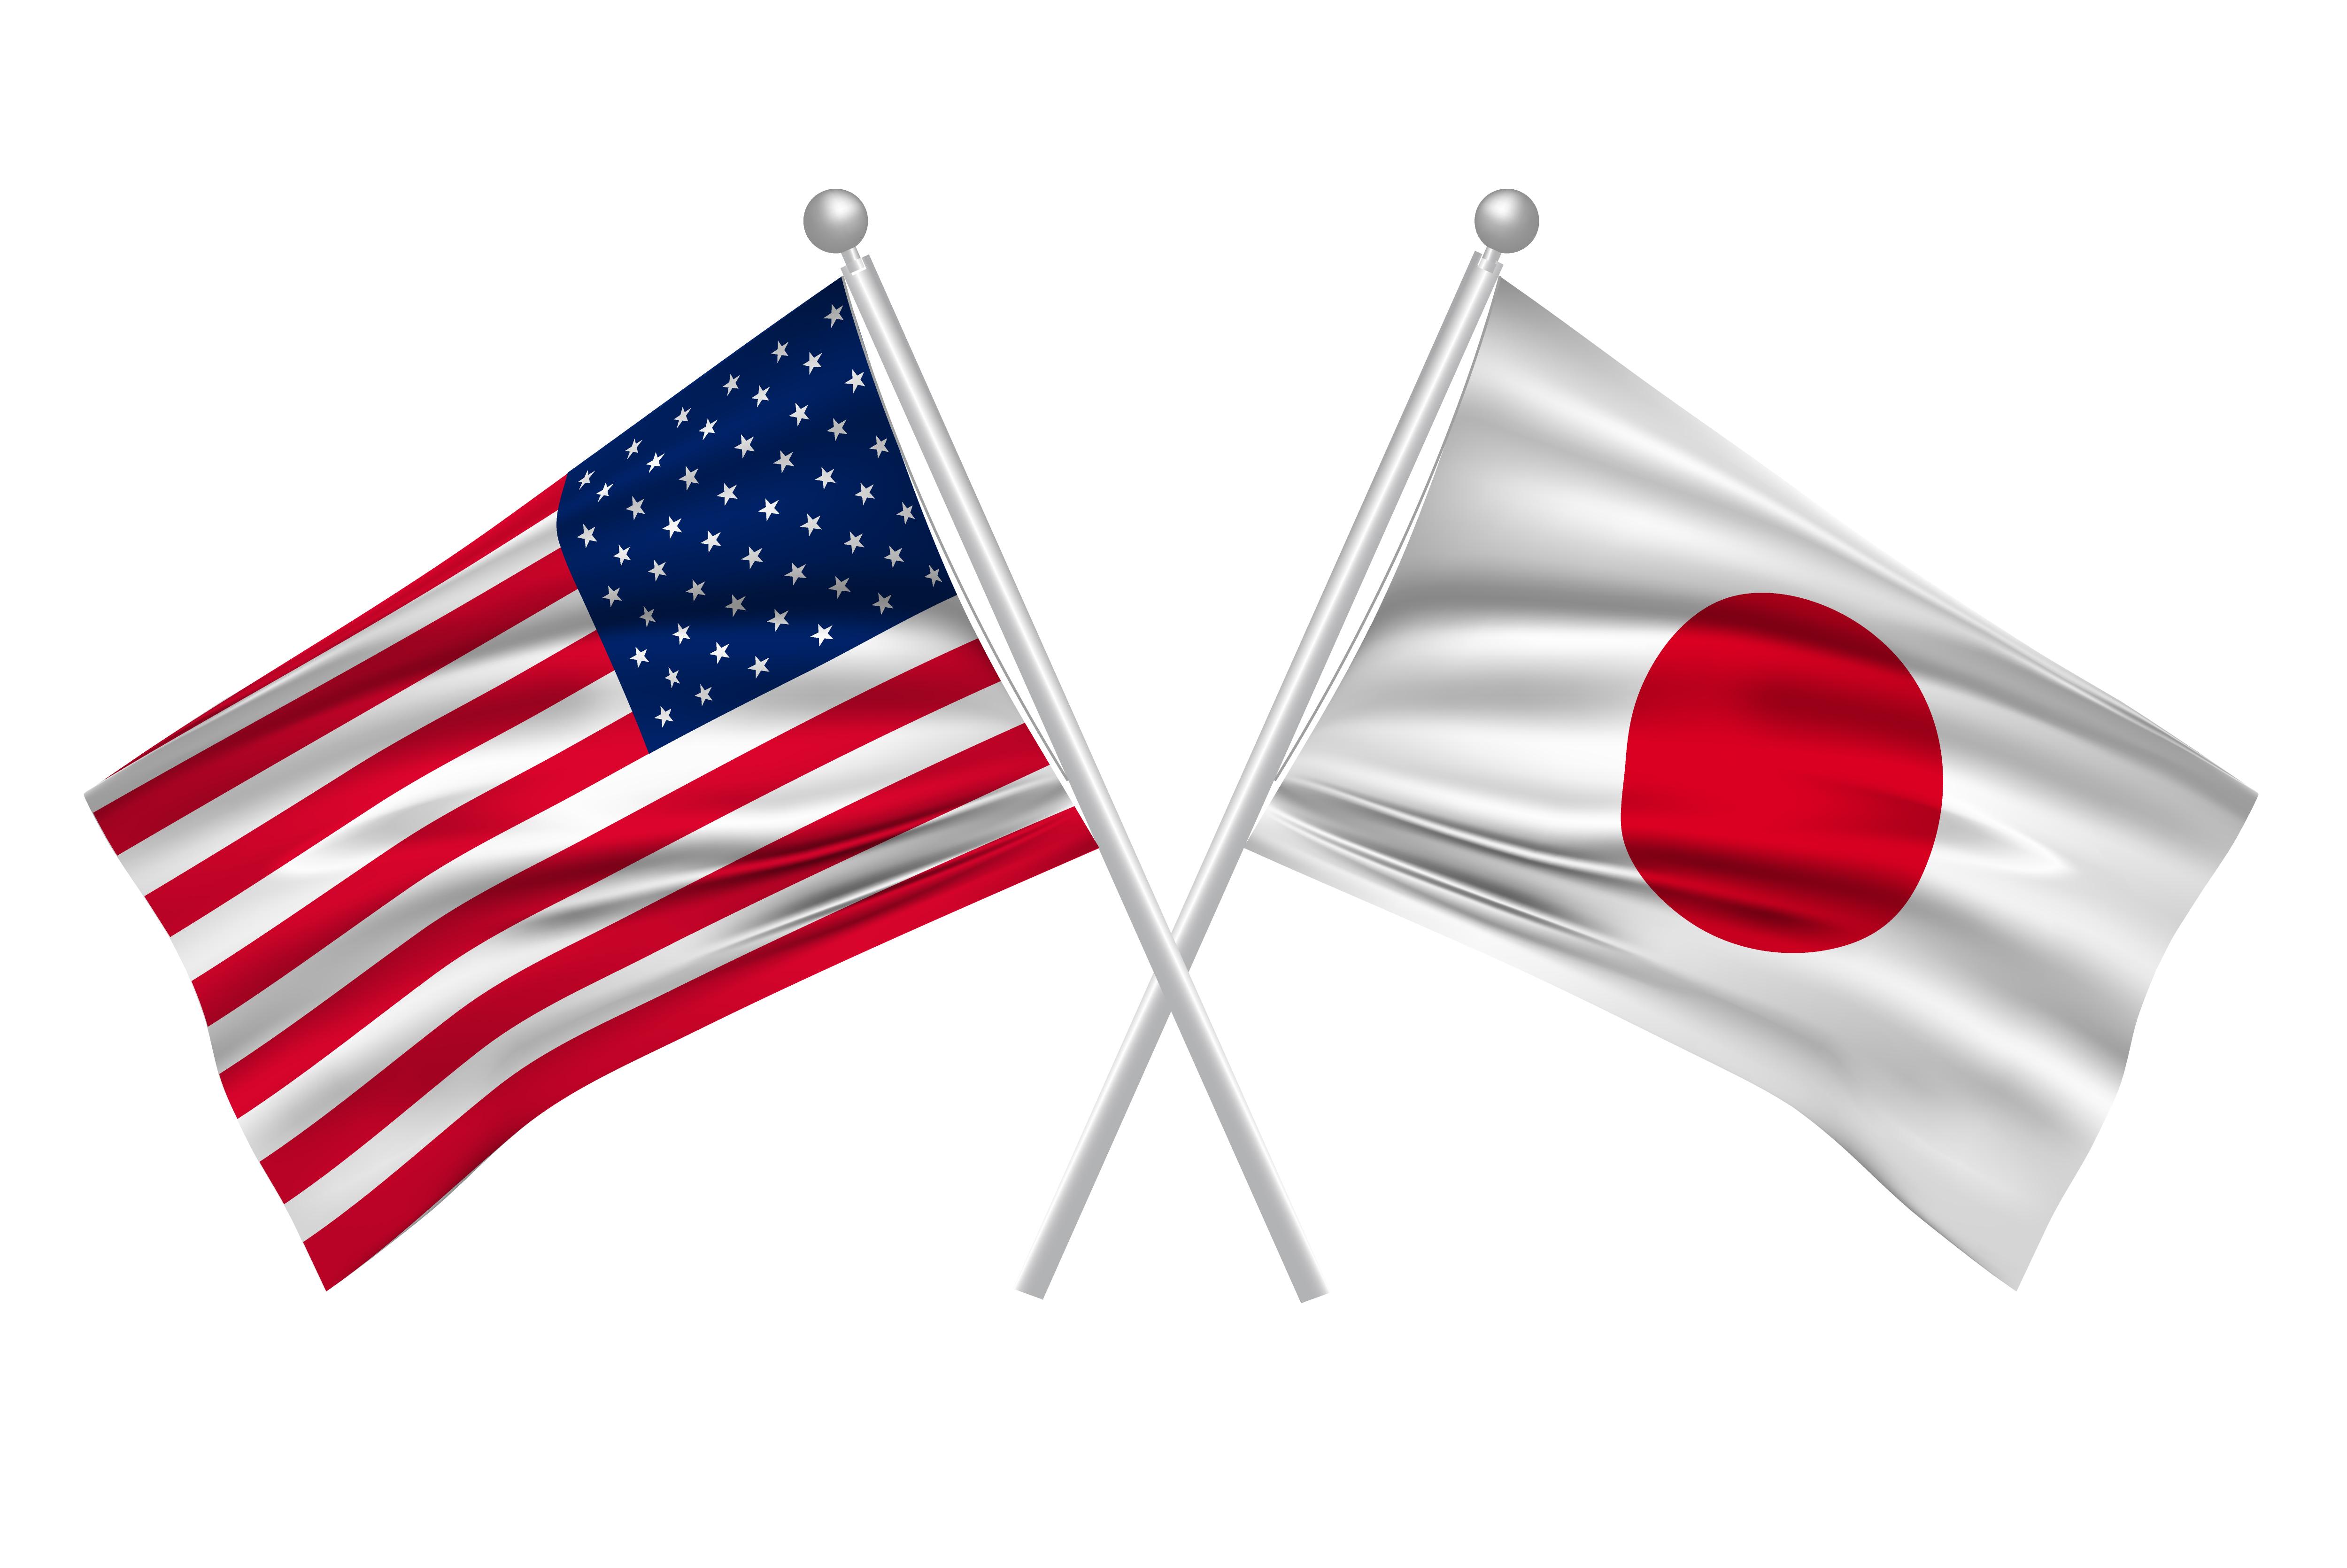 【日本・アメリカ】日米首脳、戦略エネルギーパートナーシップで合意。石炭・原子力を推進 1